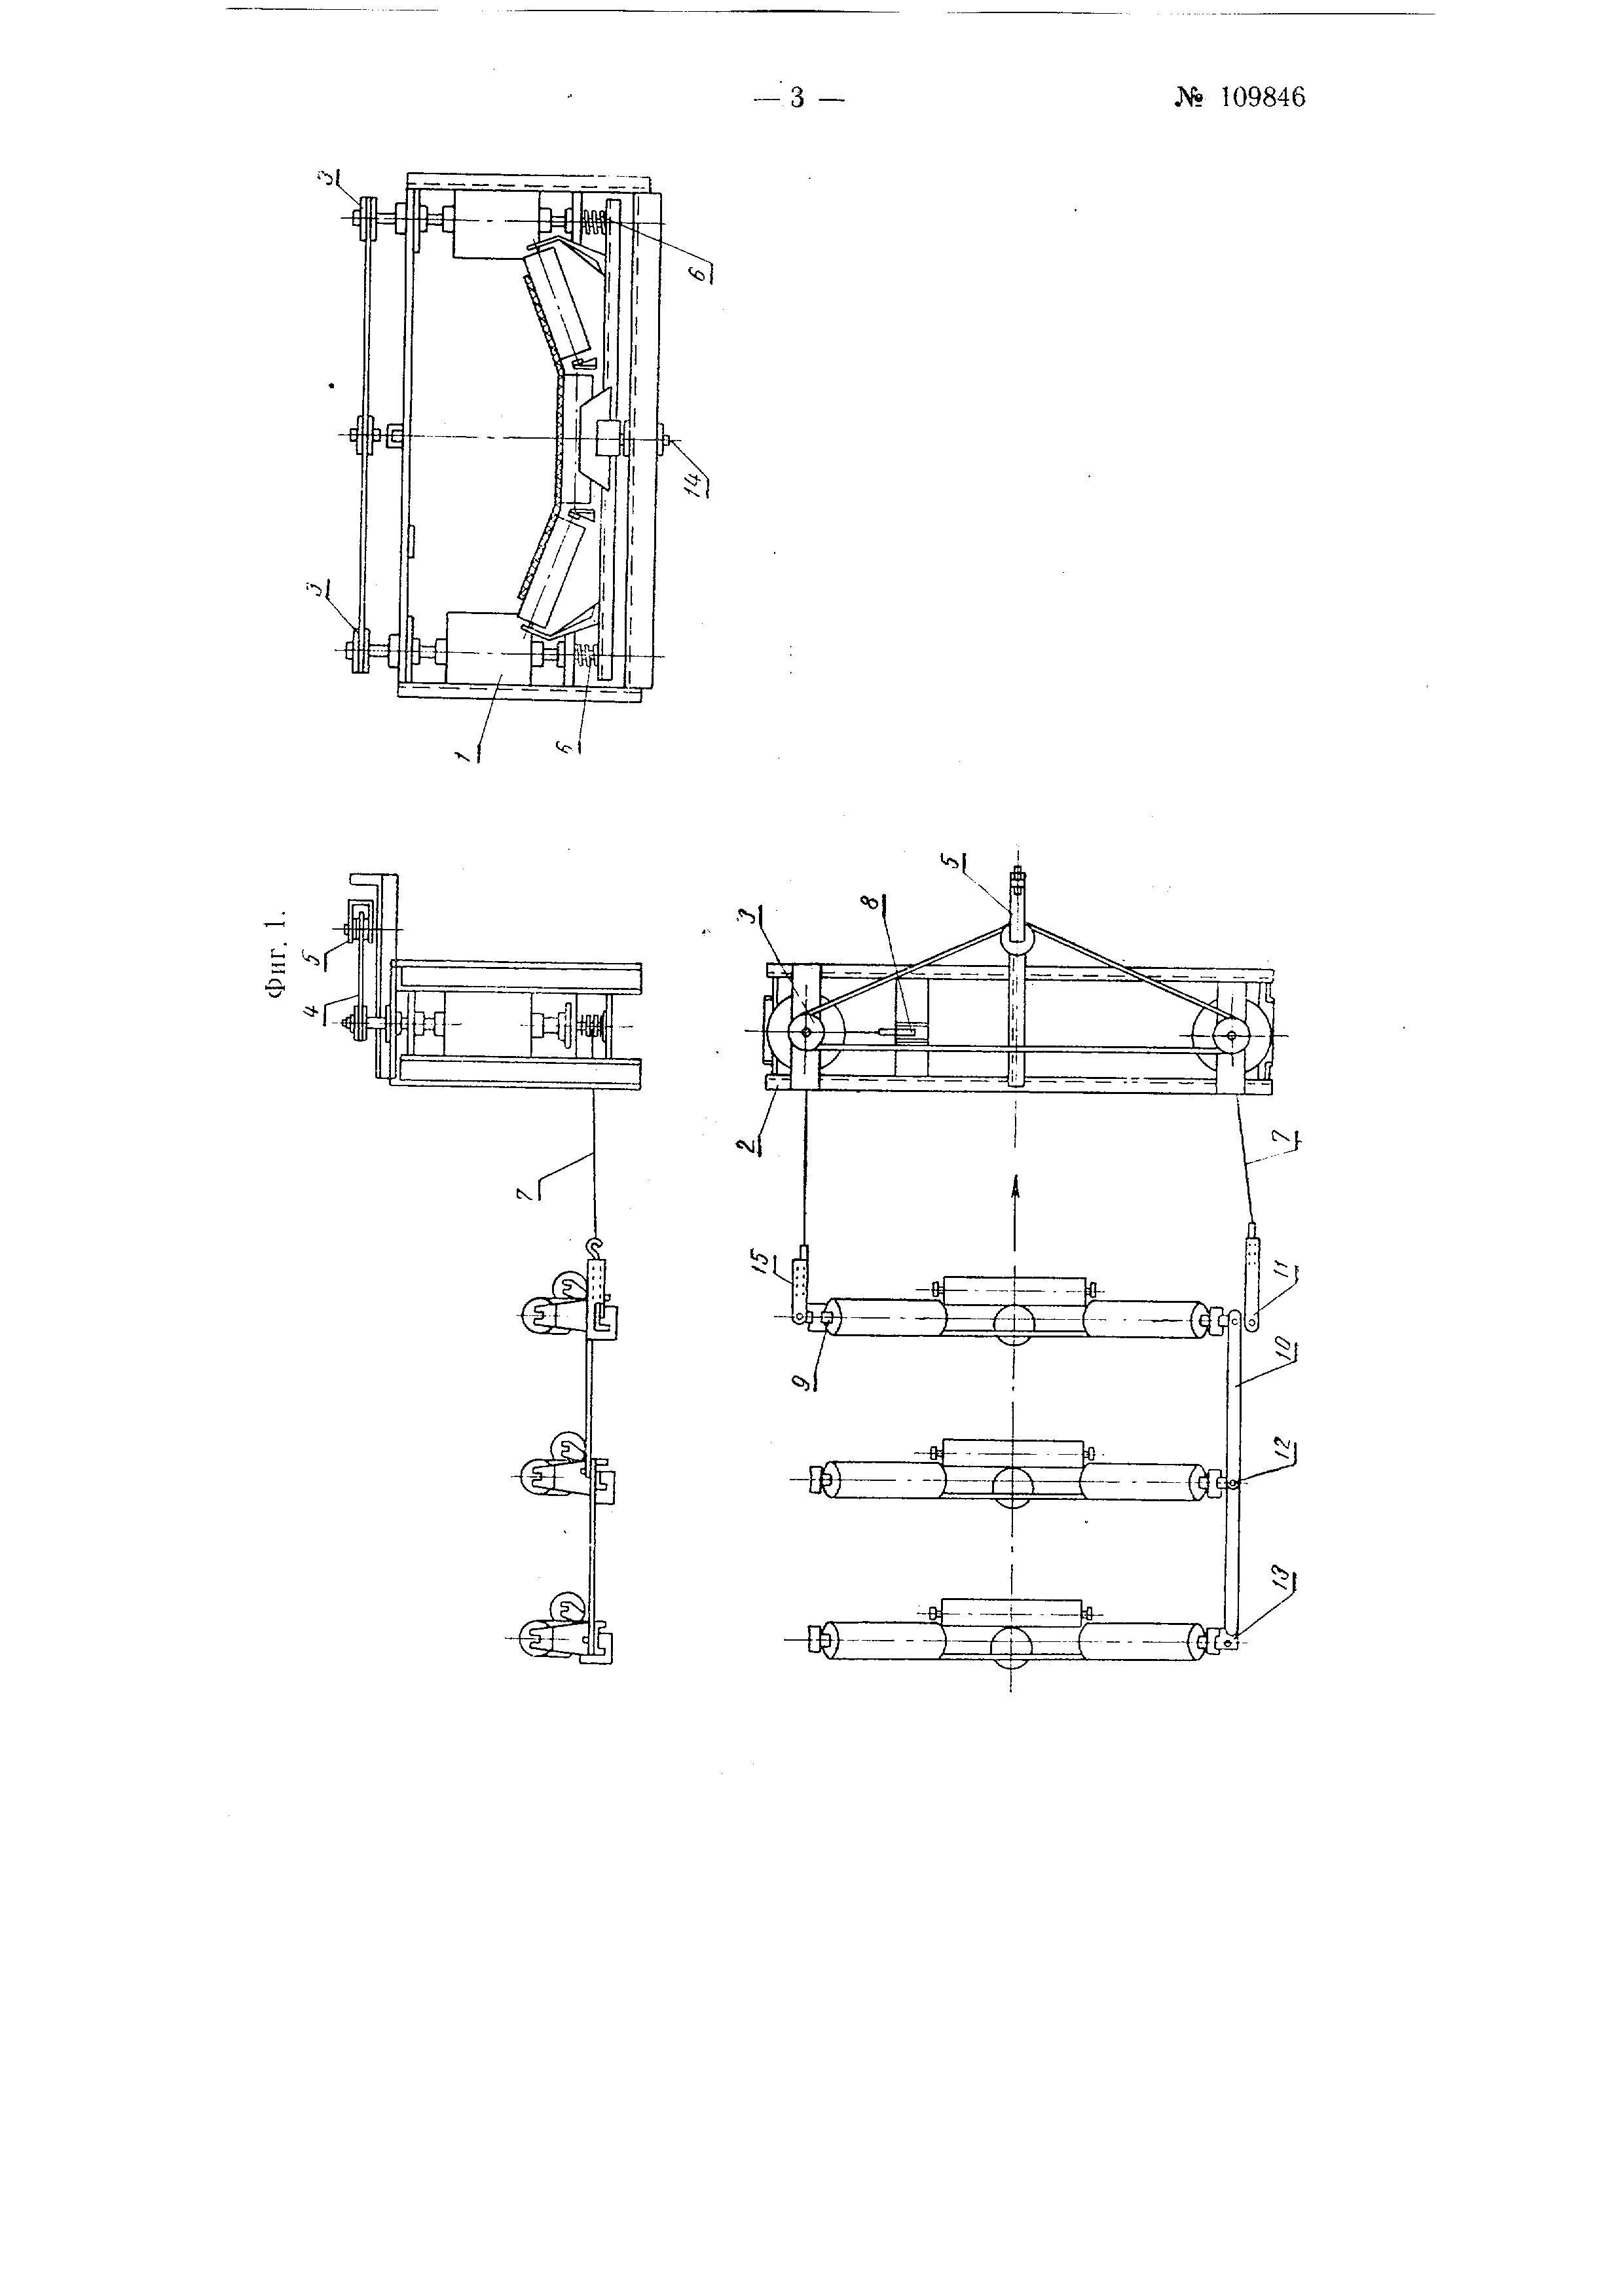 Канатный транспортер устройство для плавного пуска конвейеров